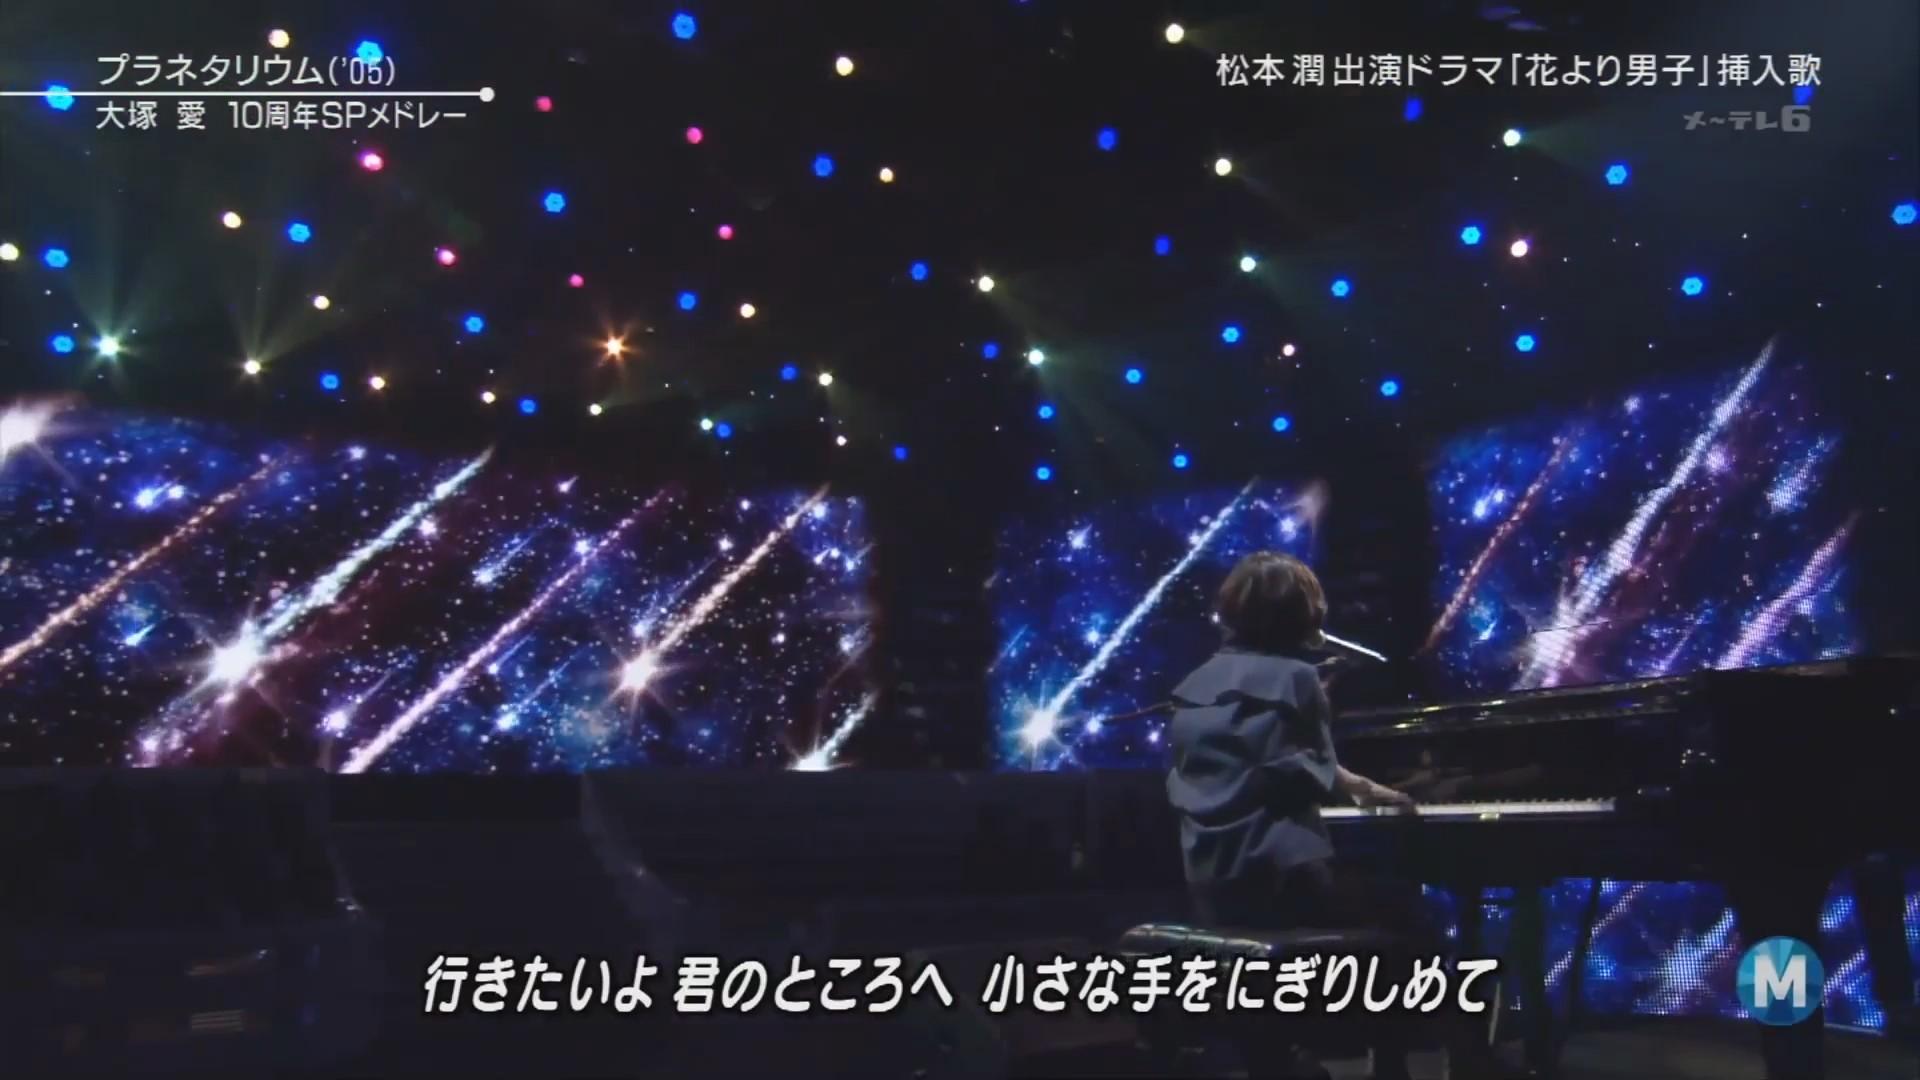 プラネタリウム 大塚 ドラマ 愛